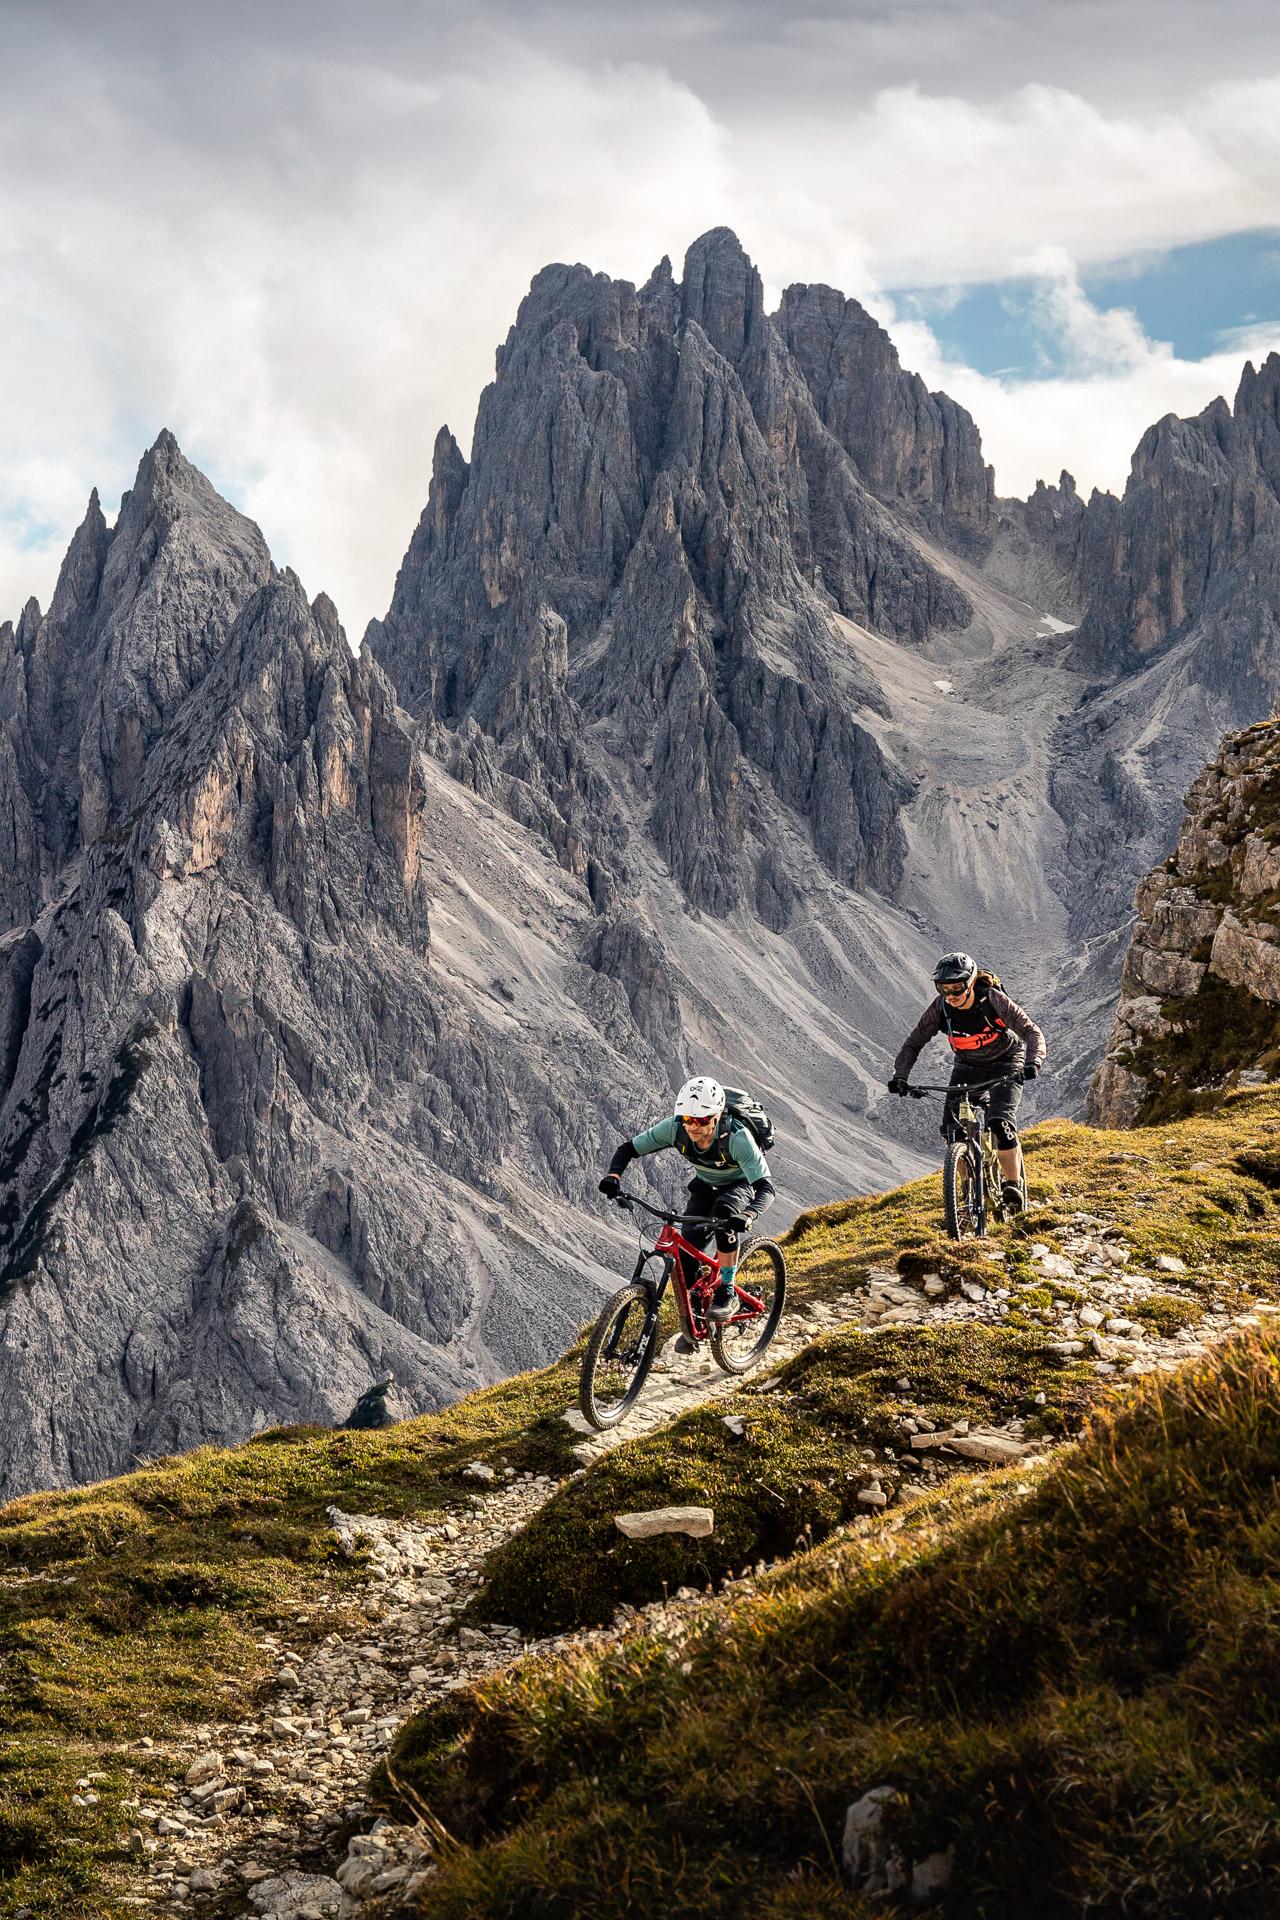 Mountainbikers riding down exposed trail in front of mountain range Cadini di Misurina, near Auronzo di Cadore, Italy, Veneto, Dolomites